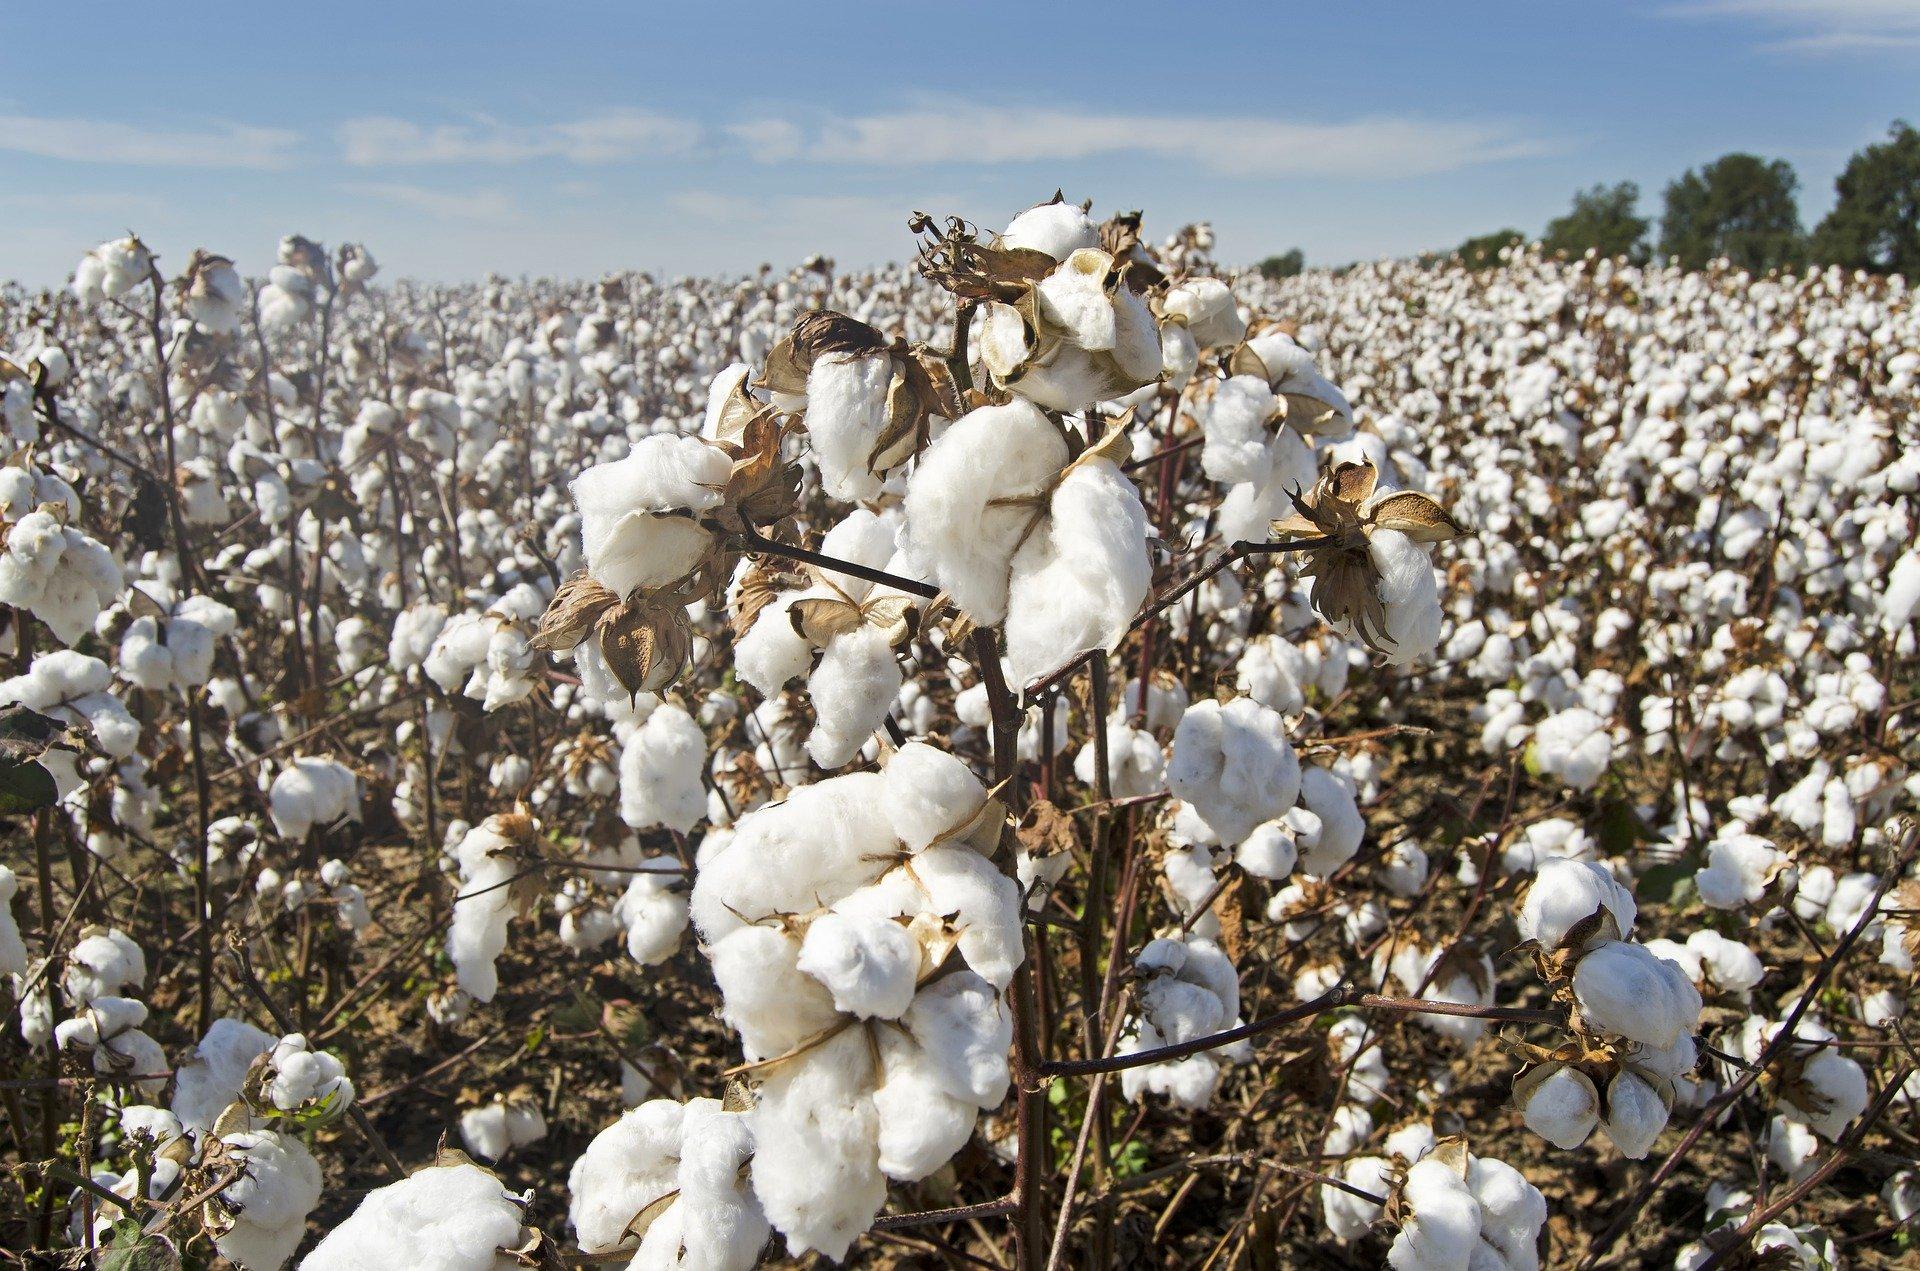 Baumwolle als Rohstoff